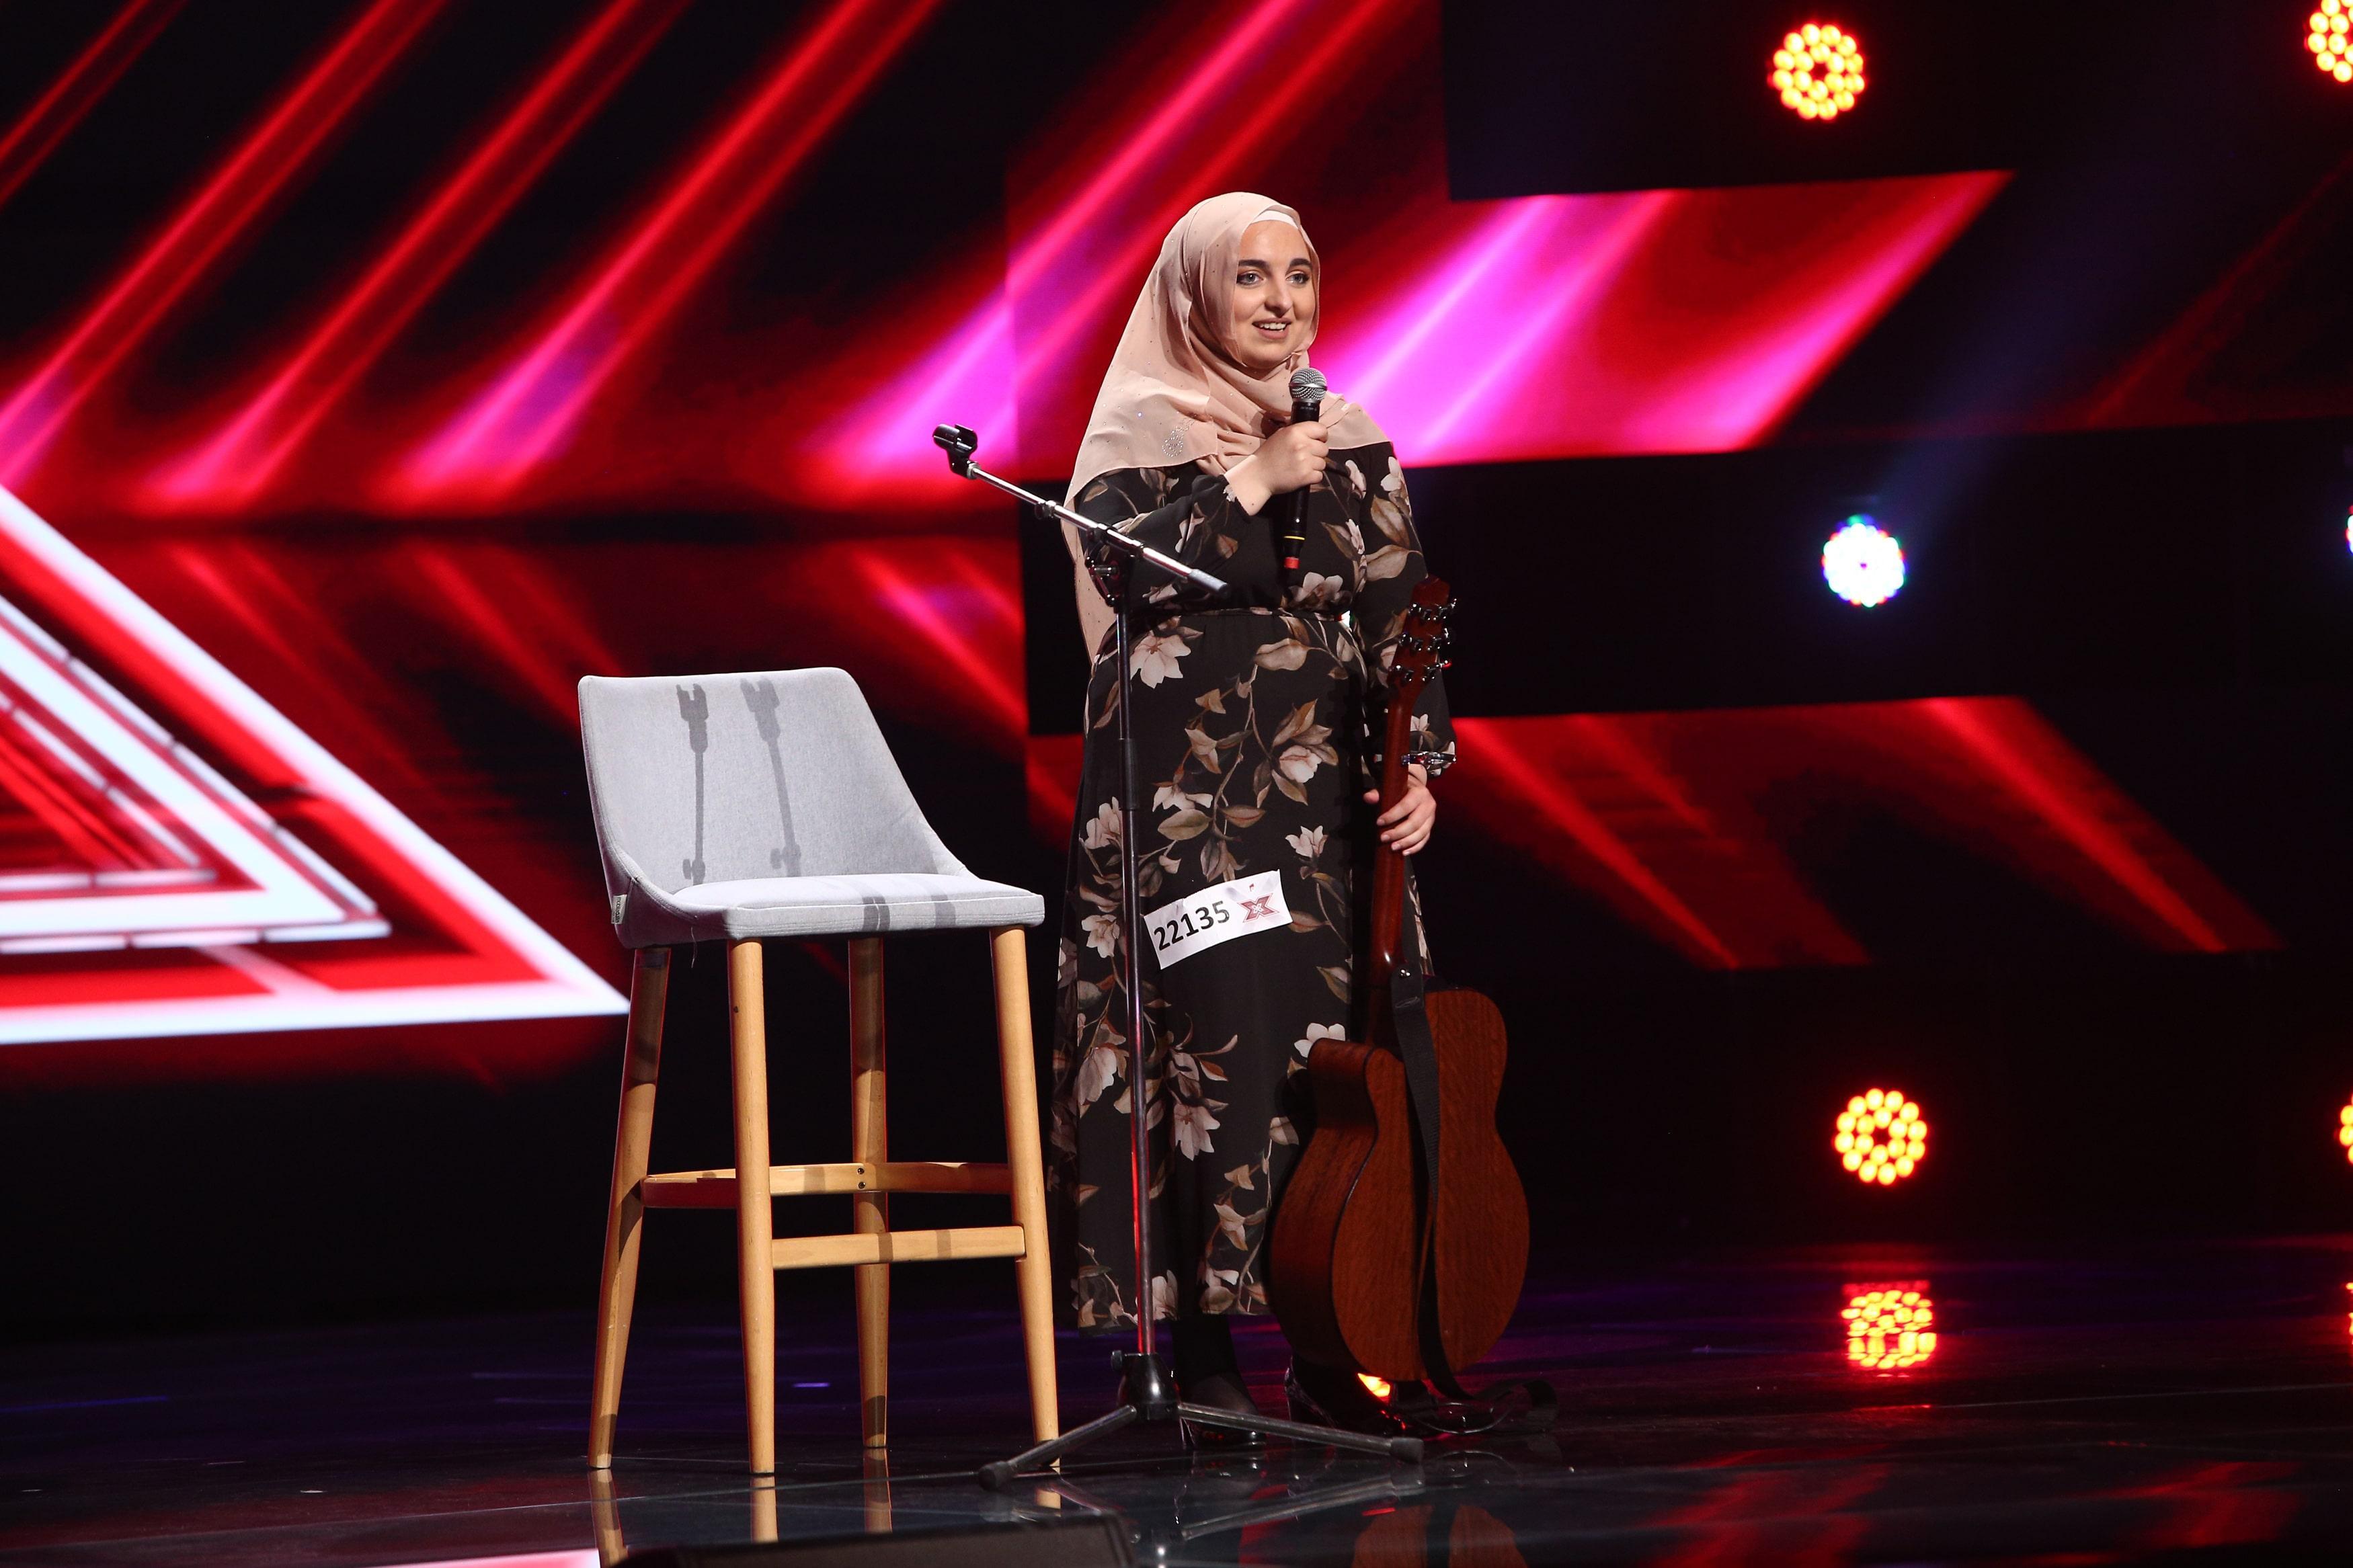 X Factor 2021, 6 septembrie. Mirela Bogasieru a surprins juriul cu o interpretare inedită a piesei Blue Jeans